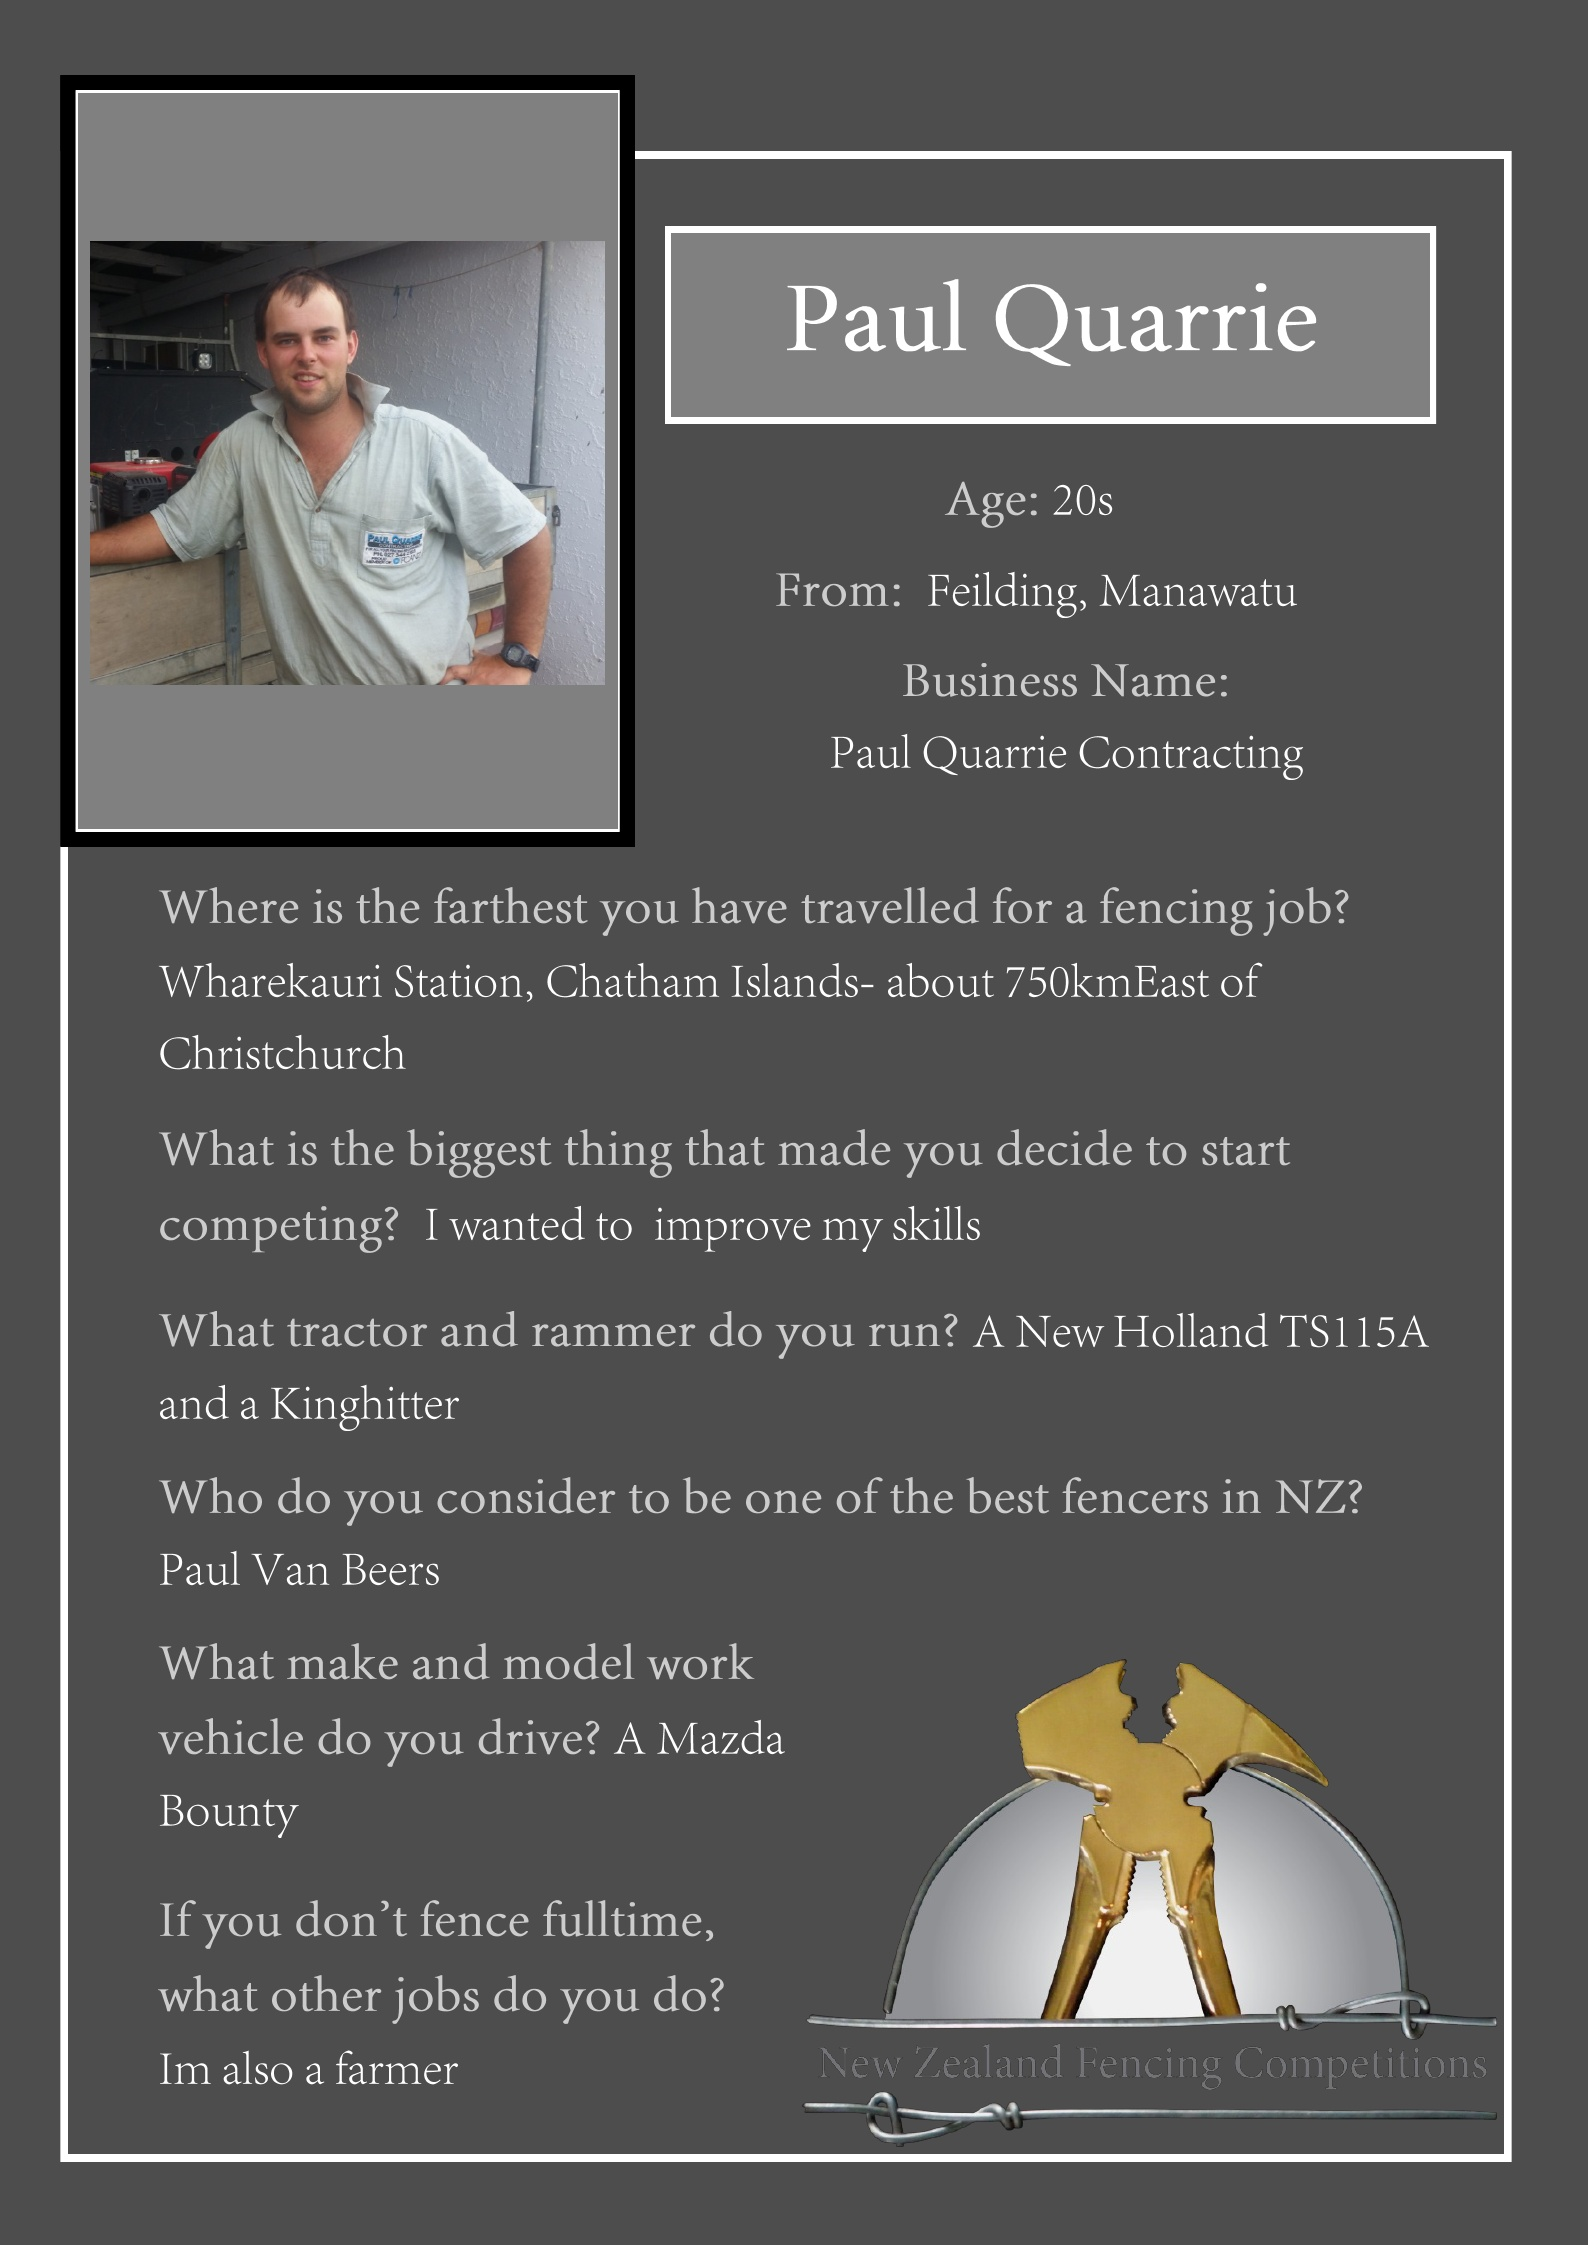 Paul Quarrie